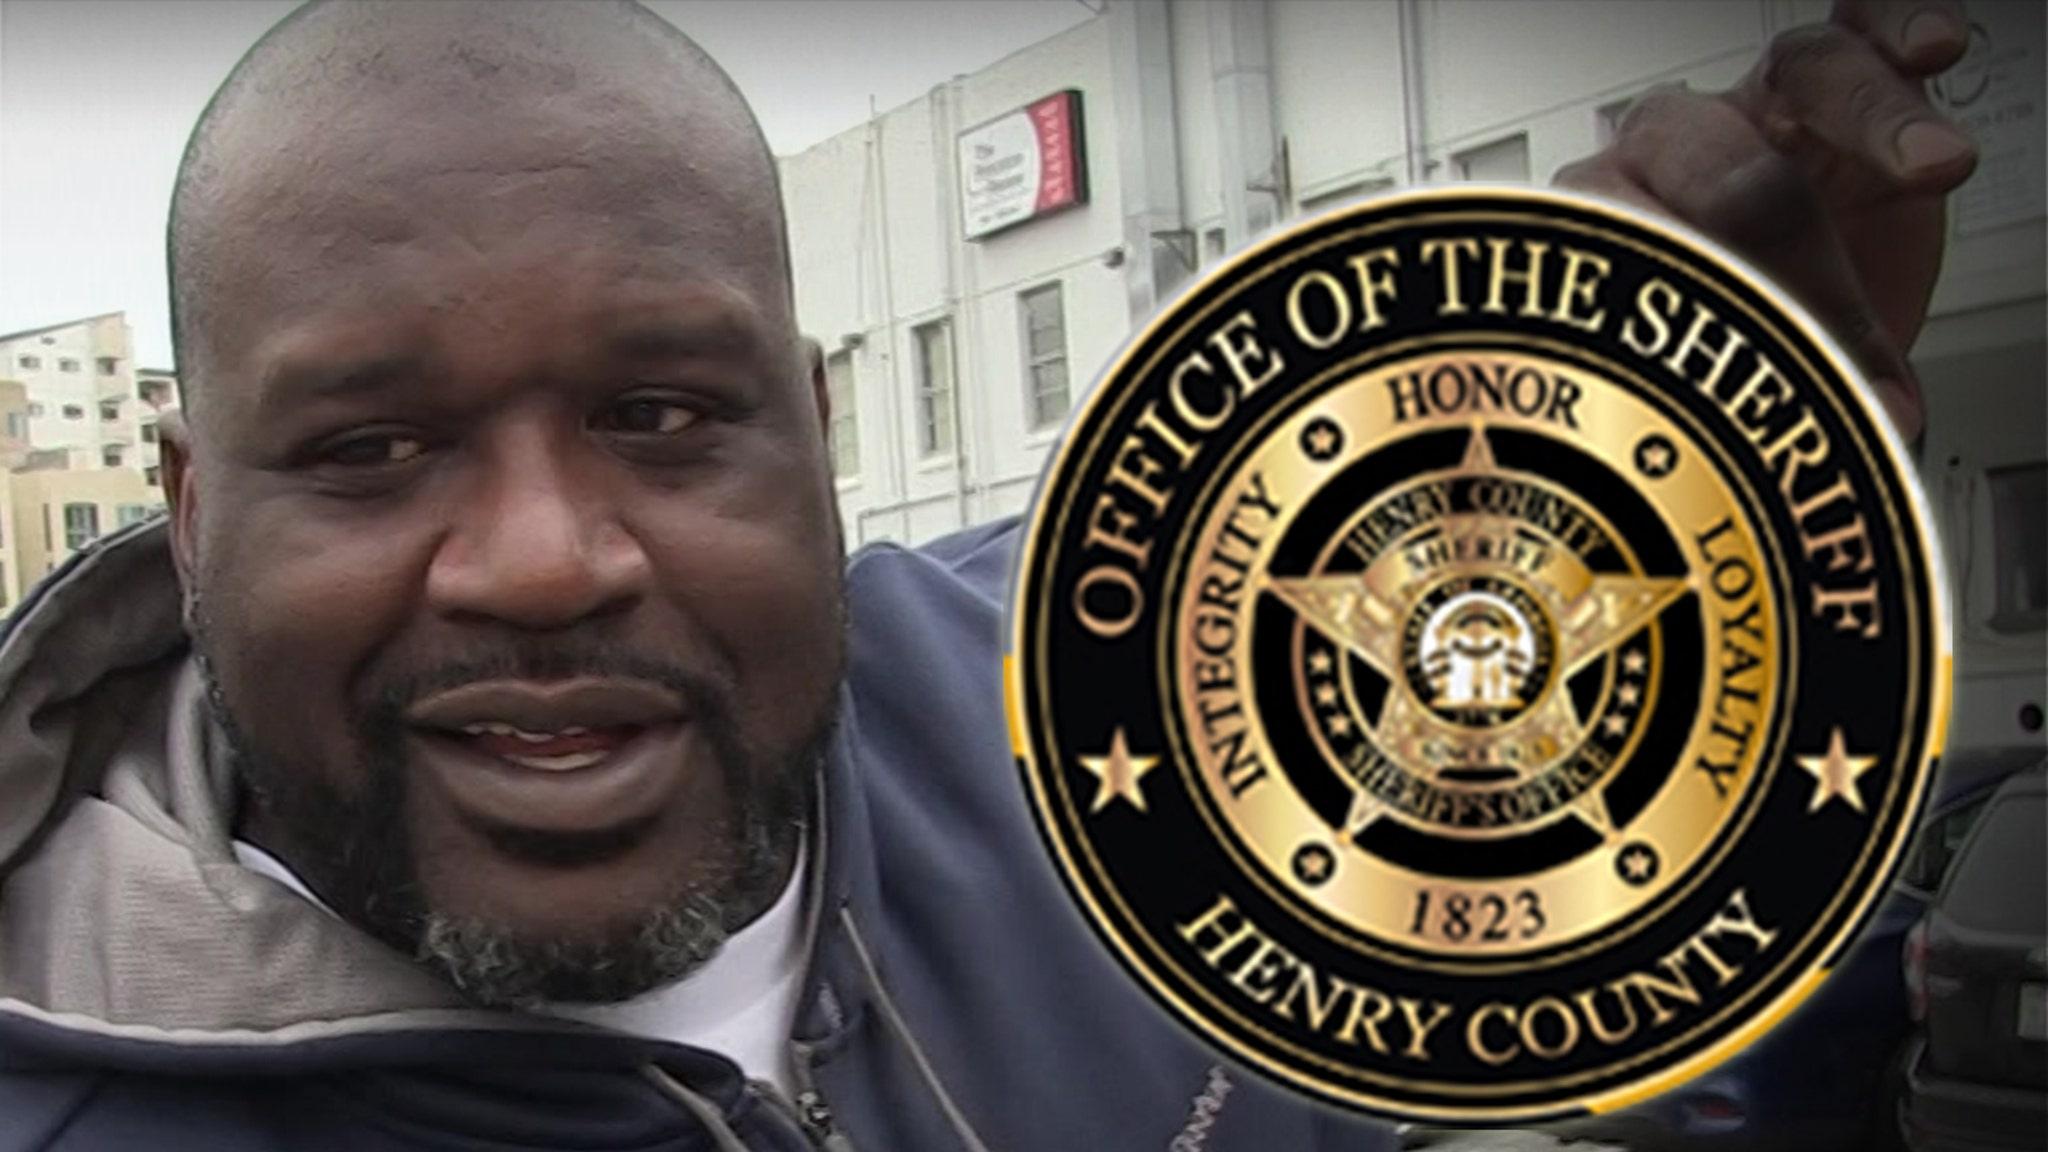 Шак нанят офисом шерифа в штате Джорджия, директором по связям с общественностью!